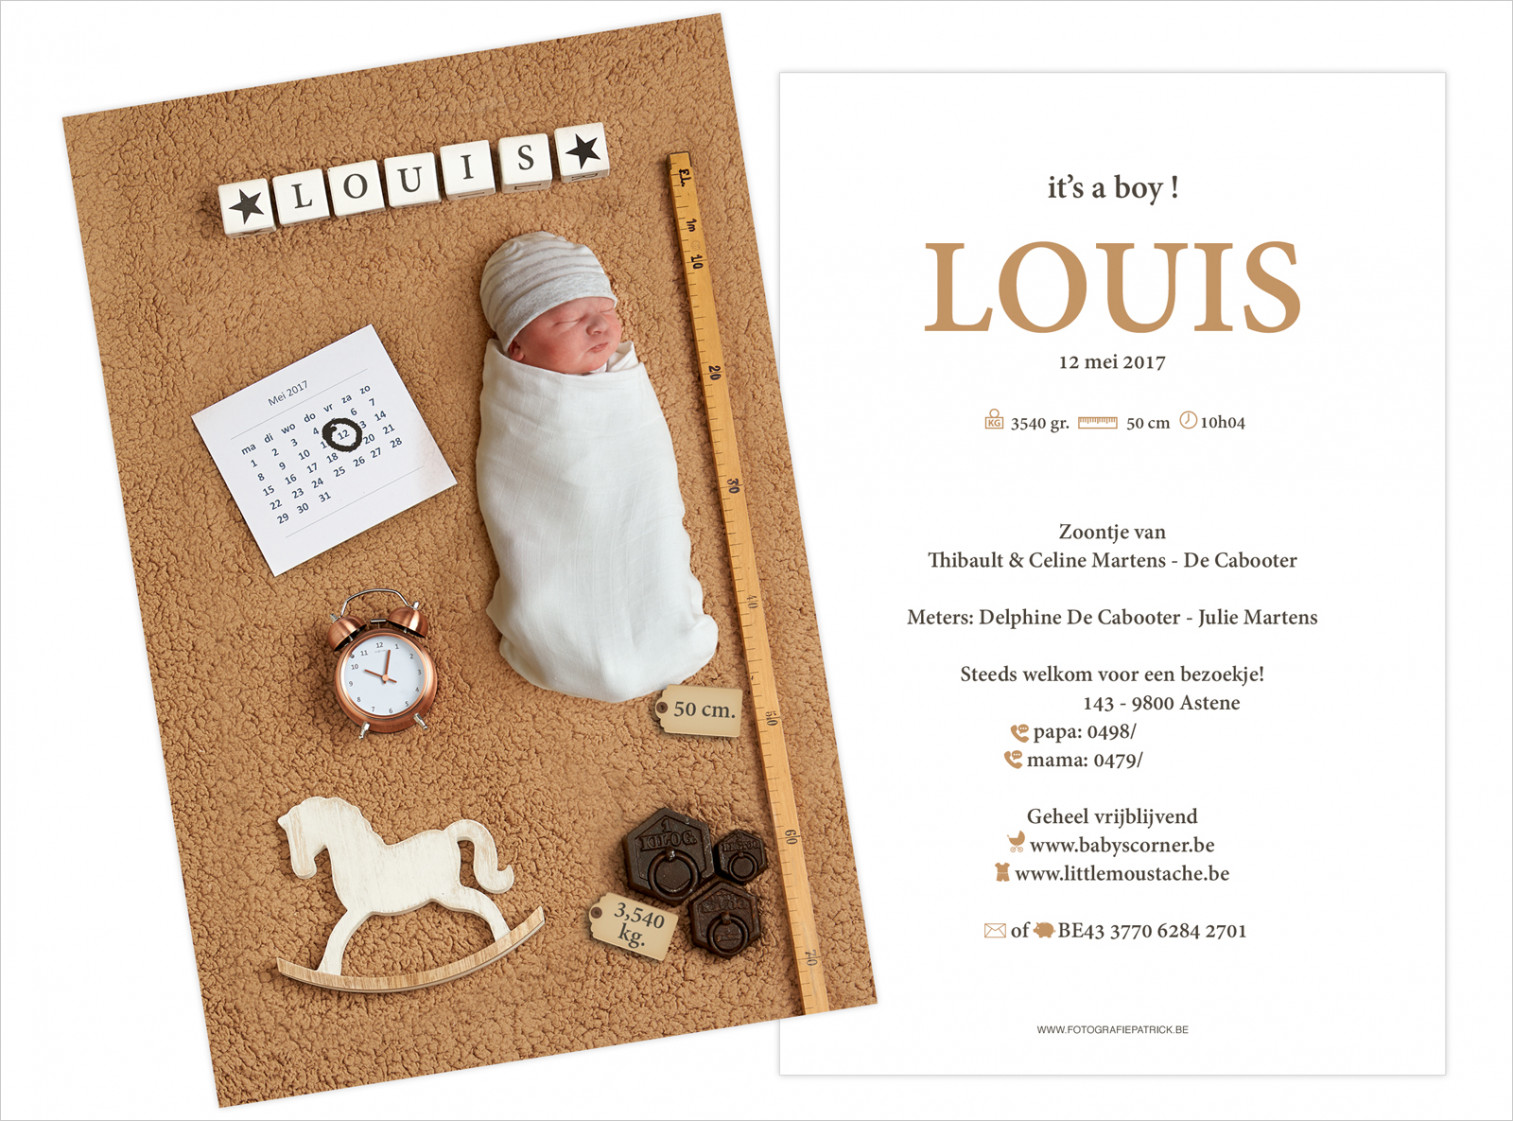 Geboortekaartje met foto van Louis